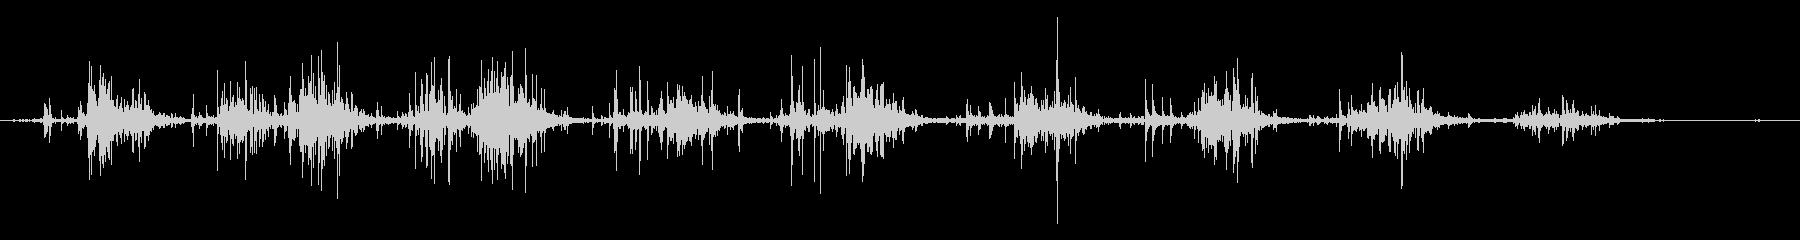 タブレッド菓子出す音・振る音19の未再生の波形